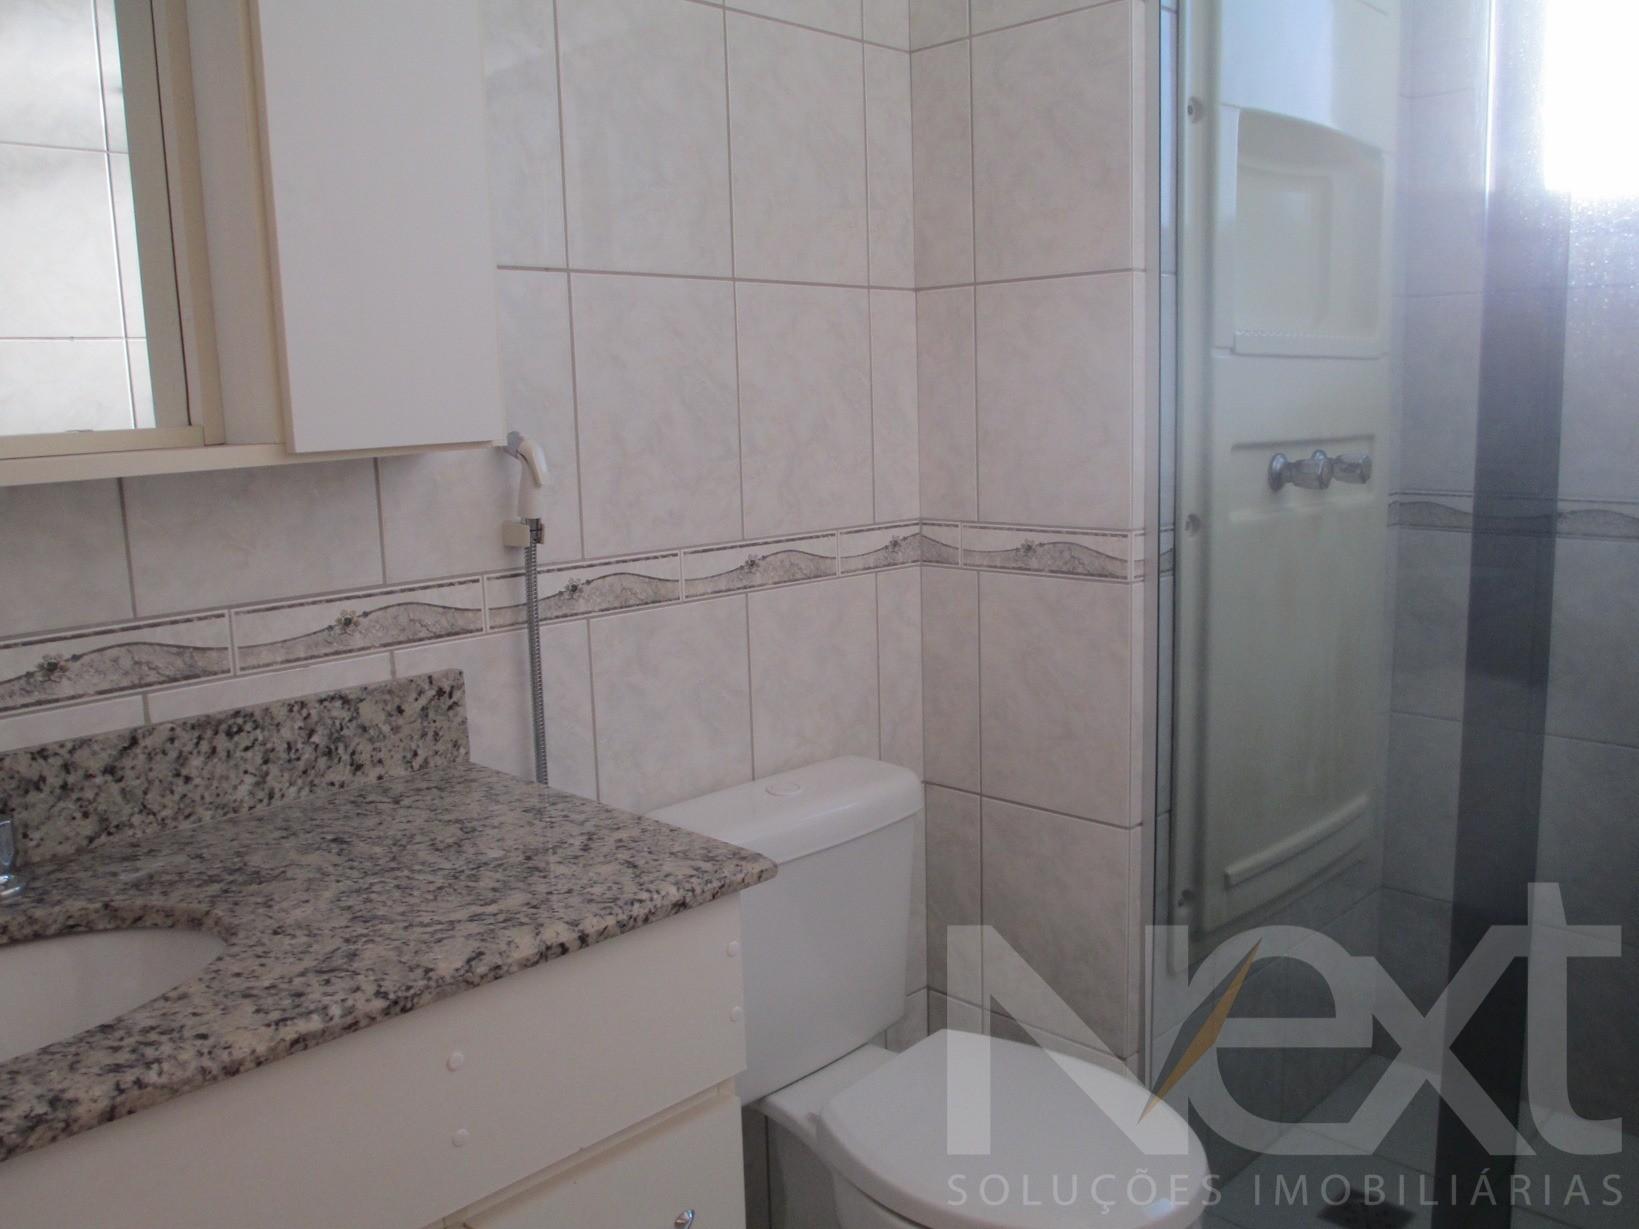 Apartamento de 3 dormitórios em Paineiras, Campinas - SP